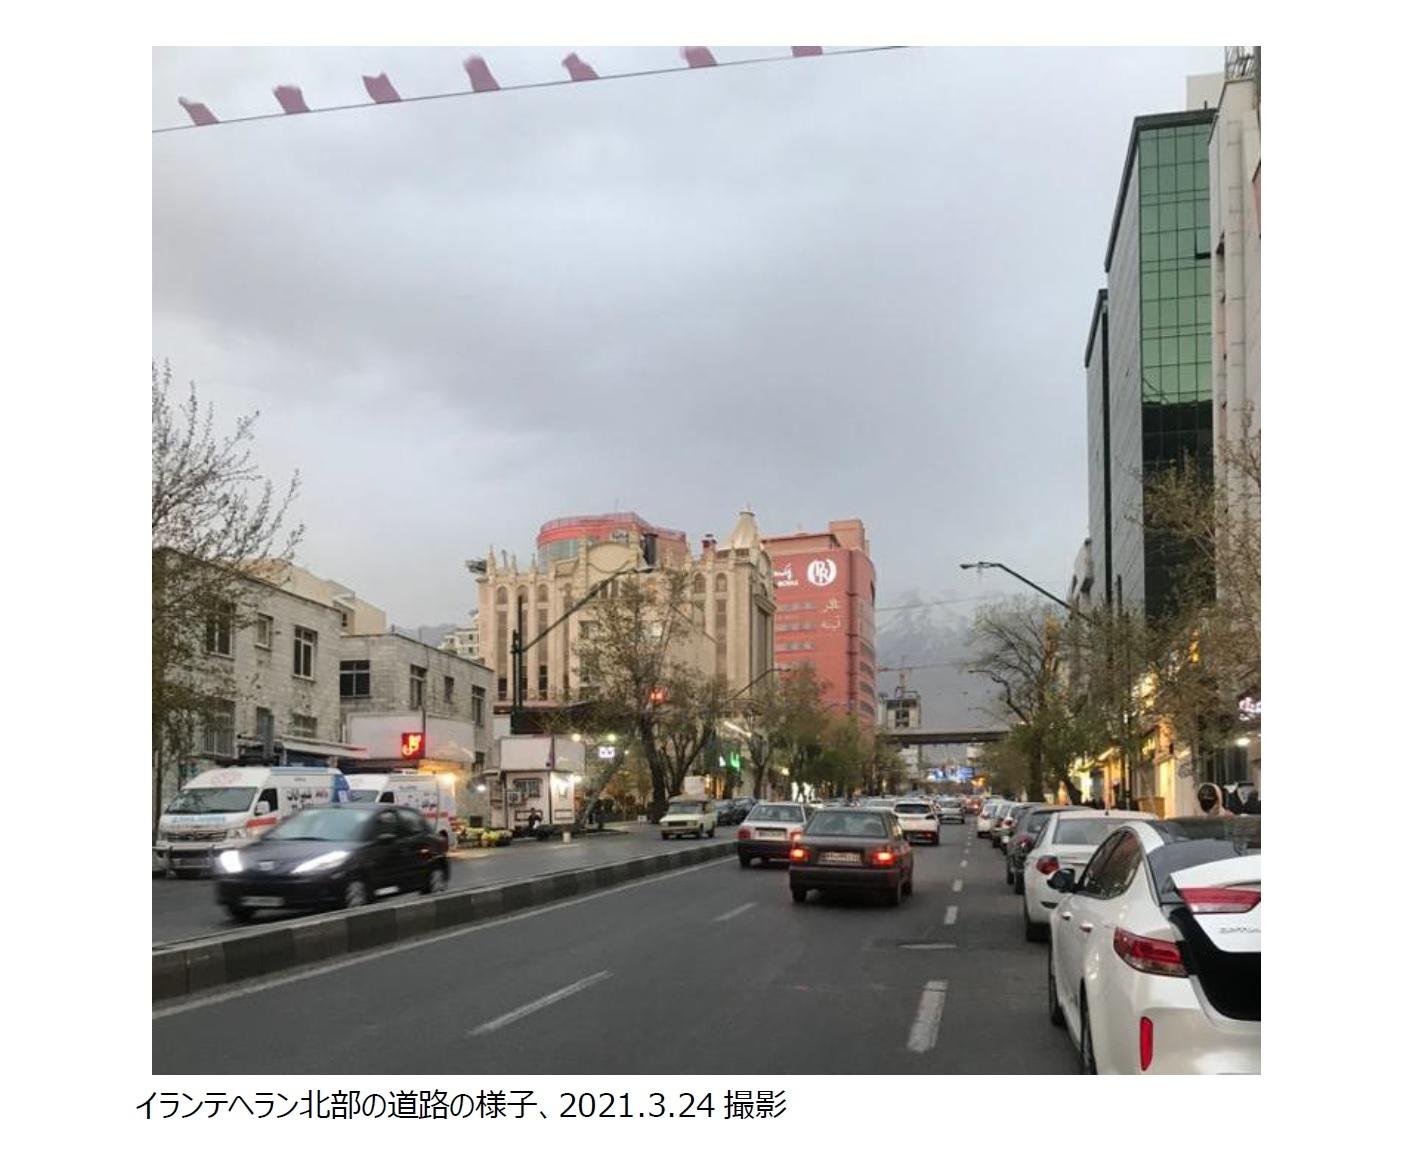 イランテヘラン北部の道路の様子、2021.3.24撮影